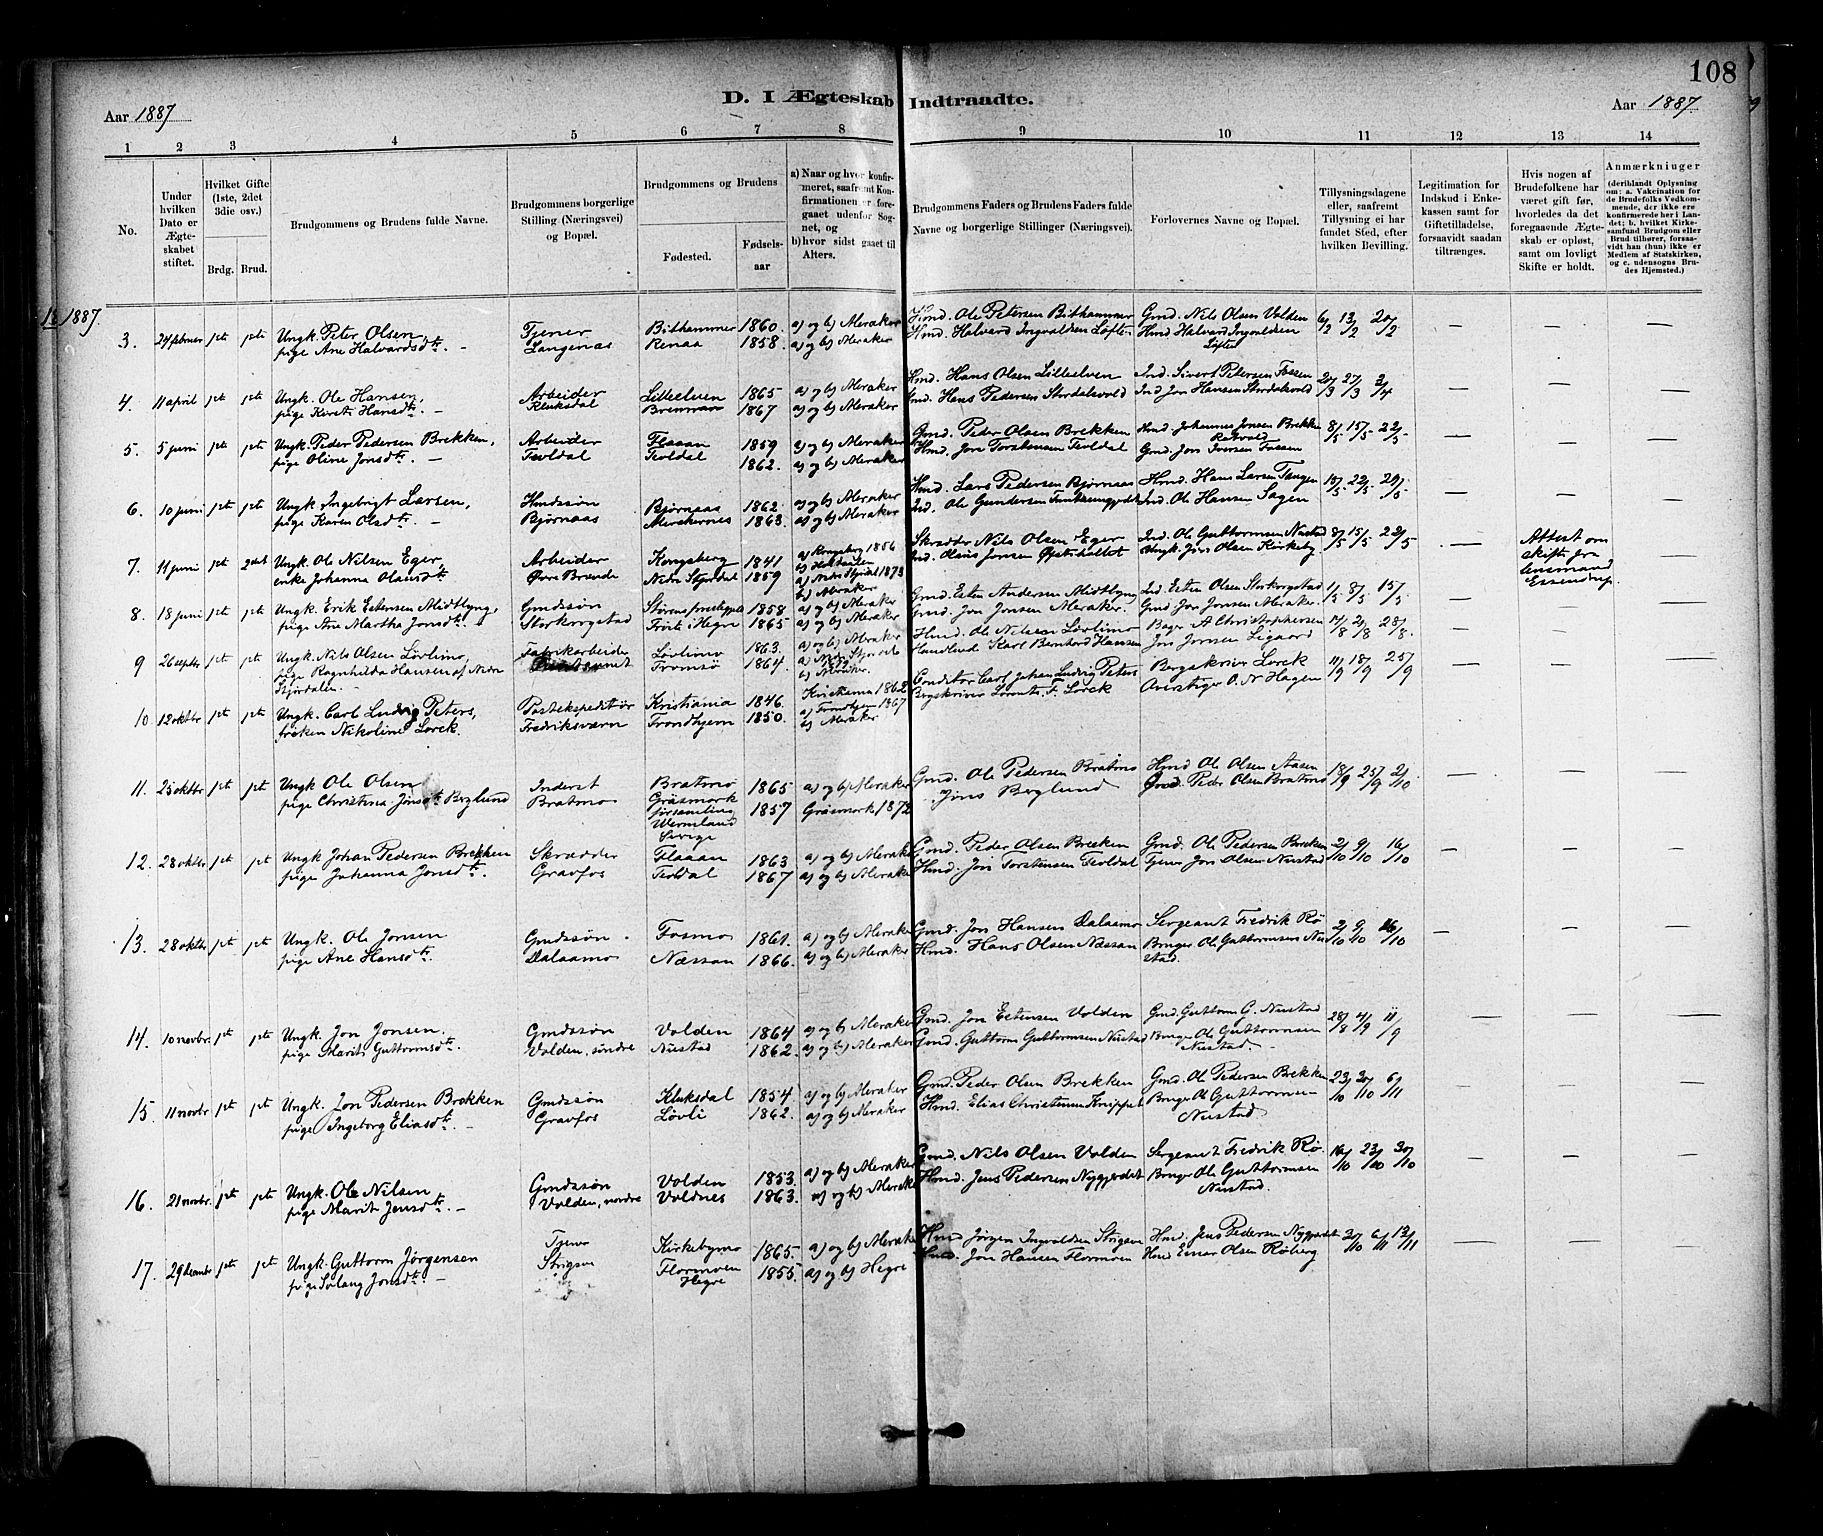 SAT, Ministerialprotokoller, klokkerbøker og fødselsregistre - Nord-Trøndelag, 706/L0047: Parish register (official) no. 706A03, 1878-1892, p. 108